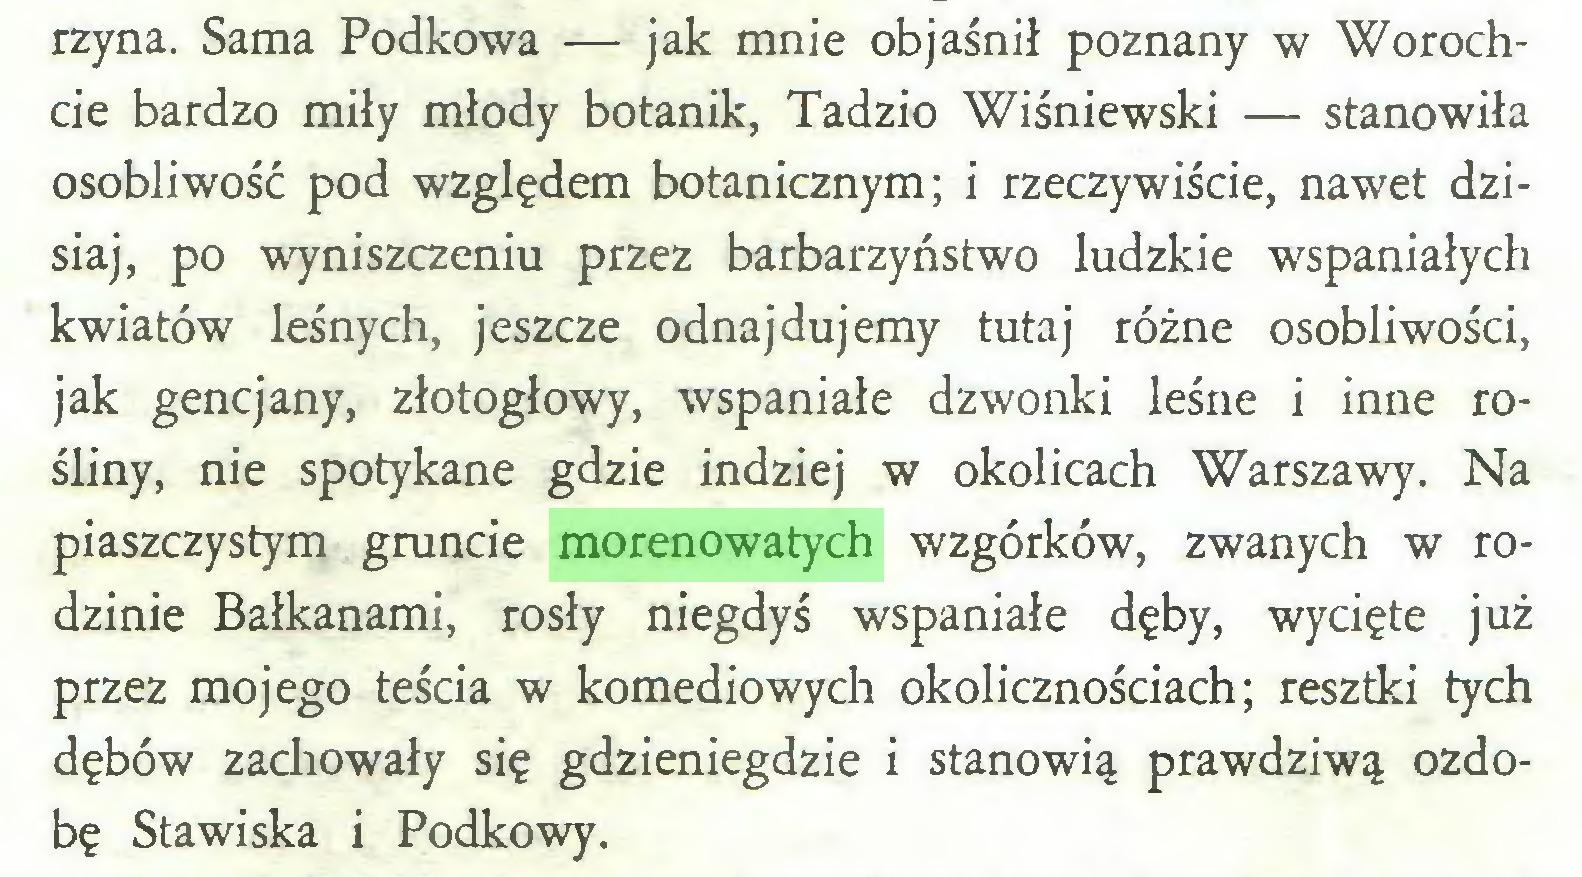 (...) rzyna. Sama Podkowa — jak mnie objaśnił poznany w Worochcie bardzo miły młody botanik, Tadzio Wiśniewski — stanowiła osobliwość pod względem botanicznym; i rzeczywiście, nawet dzisiaj, po wyniszczeniu przez barbarzyństwo ludzkie wspaniałych kwiatów leśnych, jeszcze odnajdujemy tutaj różne osobliwości, jak gencjany, złotogłowy, wspaniałe dzwonki leśne i inne rośliny, nie spotykane gdzie indziej w okolicach Warszawy. Na piaszczystym gruncie morenowatych wzgórków, zwanych w rodzinie Bałkanami, rosły niegdyś wspaniałe dęby, wycięte już przez mojego teścia w komediowych okolicznościach; resztki tych dębów zachowały się gdzieniegdzie i stanowią prawdziwą ozdobę Stawiska i Podkowy...